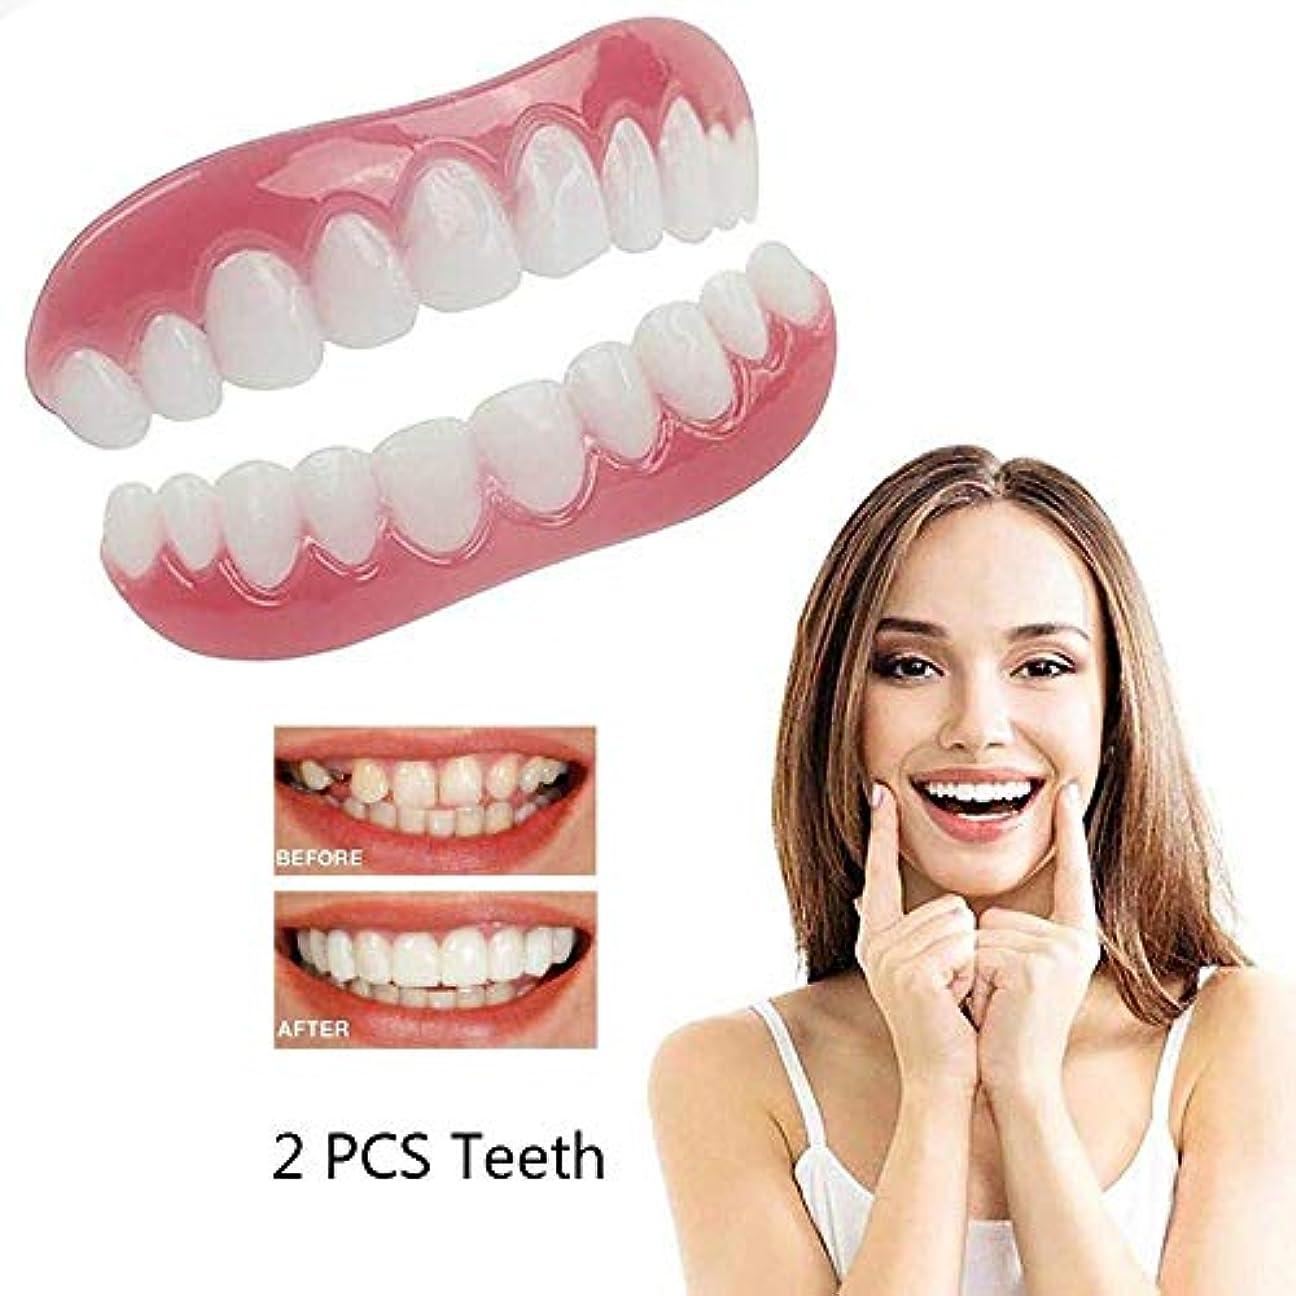 地下鉄防衛核化粧品の歯のホワイトニングパーフェクトフィットスナップオンスマイルトップとボトムの偽歯インスタントプロテーゼスマイルコンフォートフィットフレックスオーラルケア